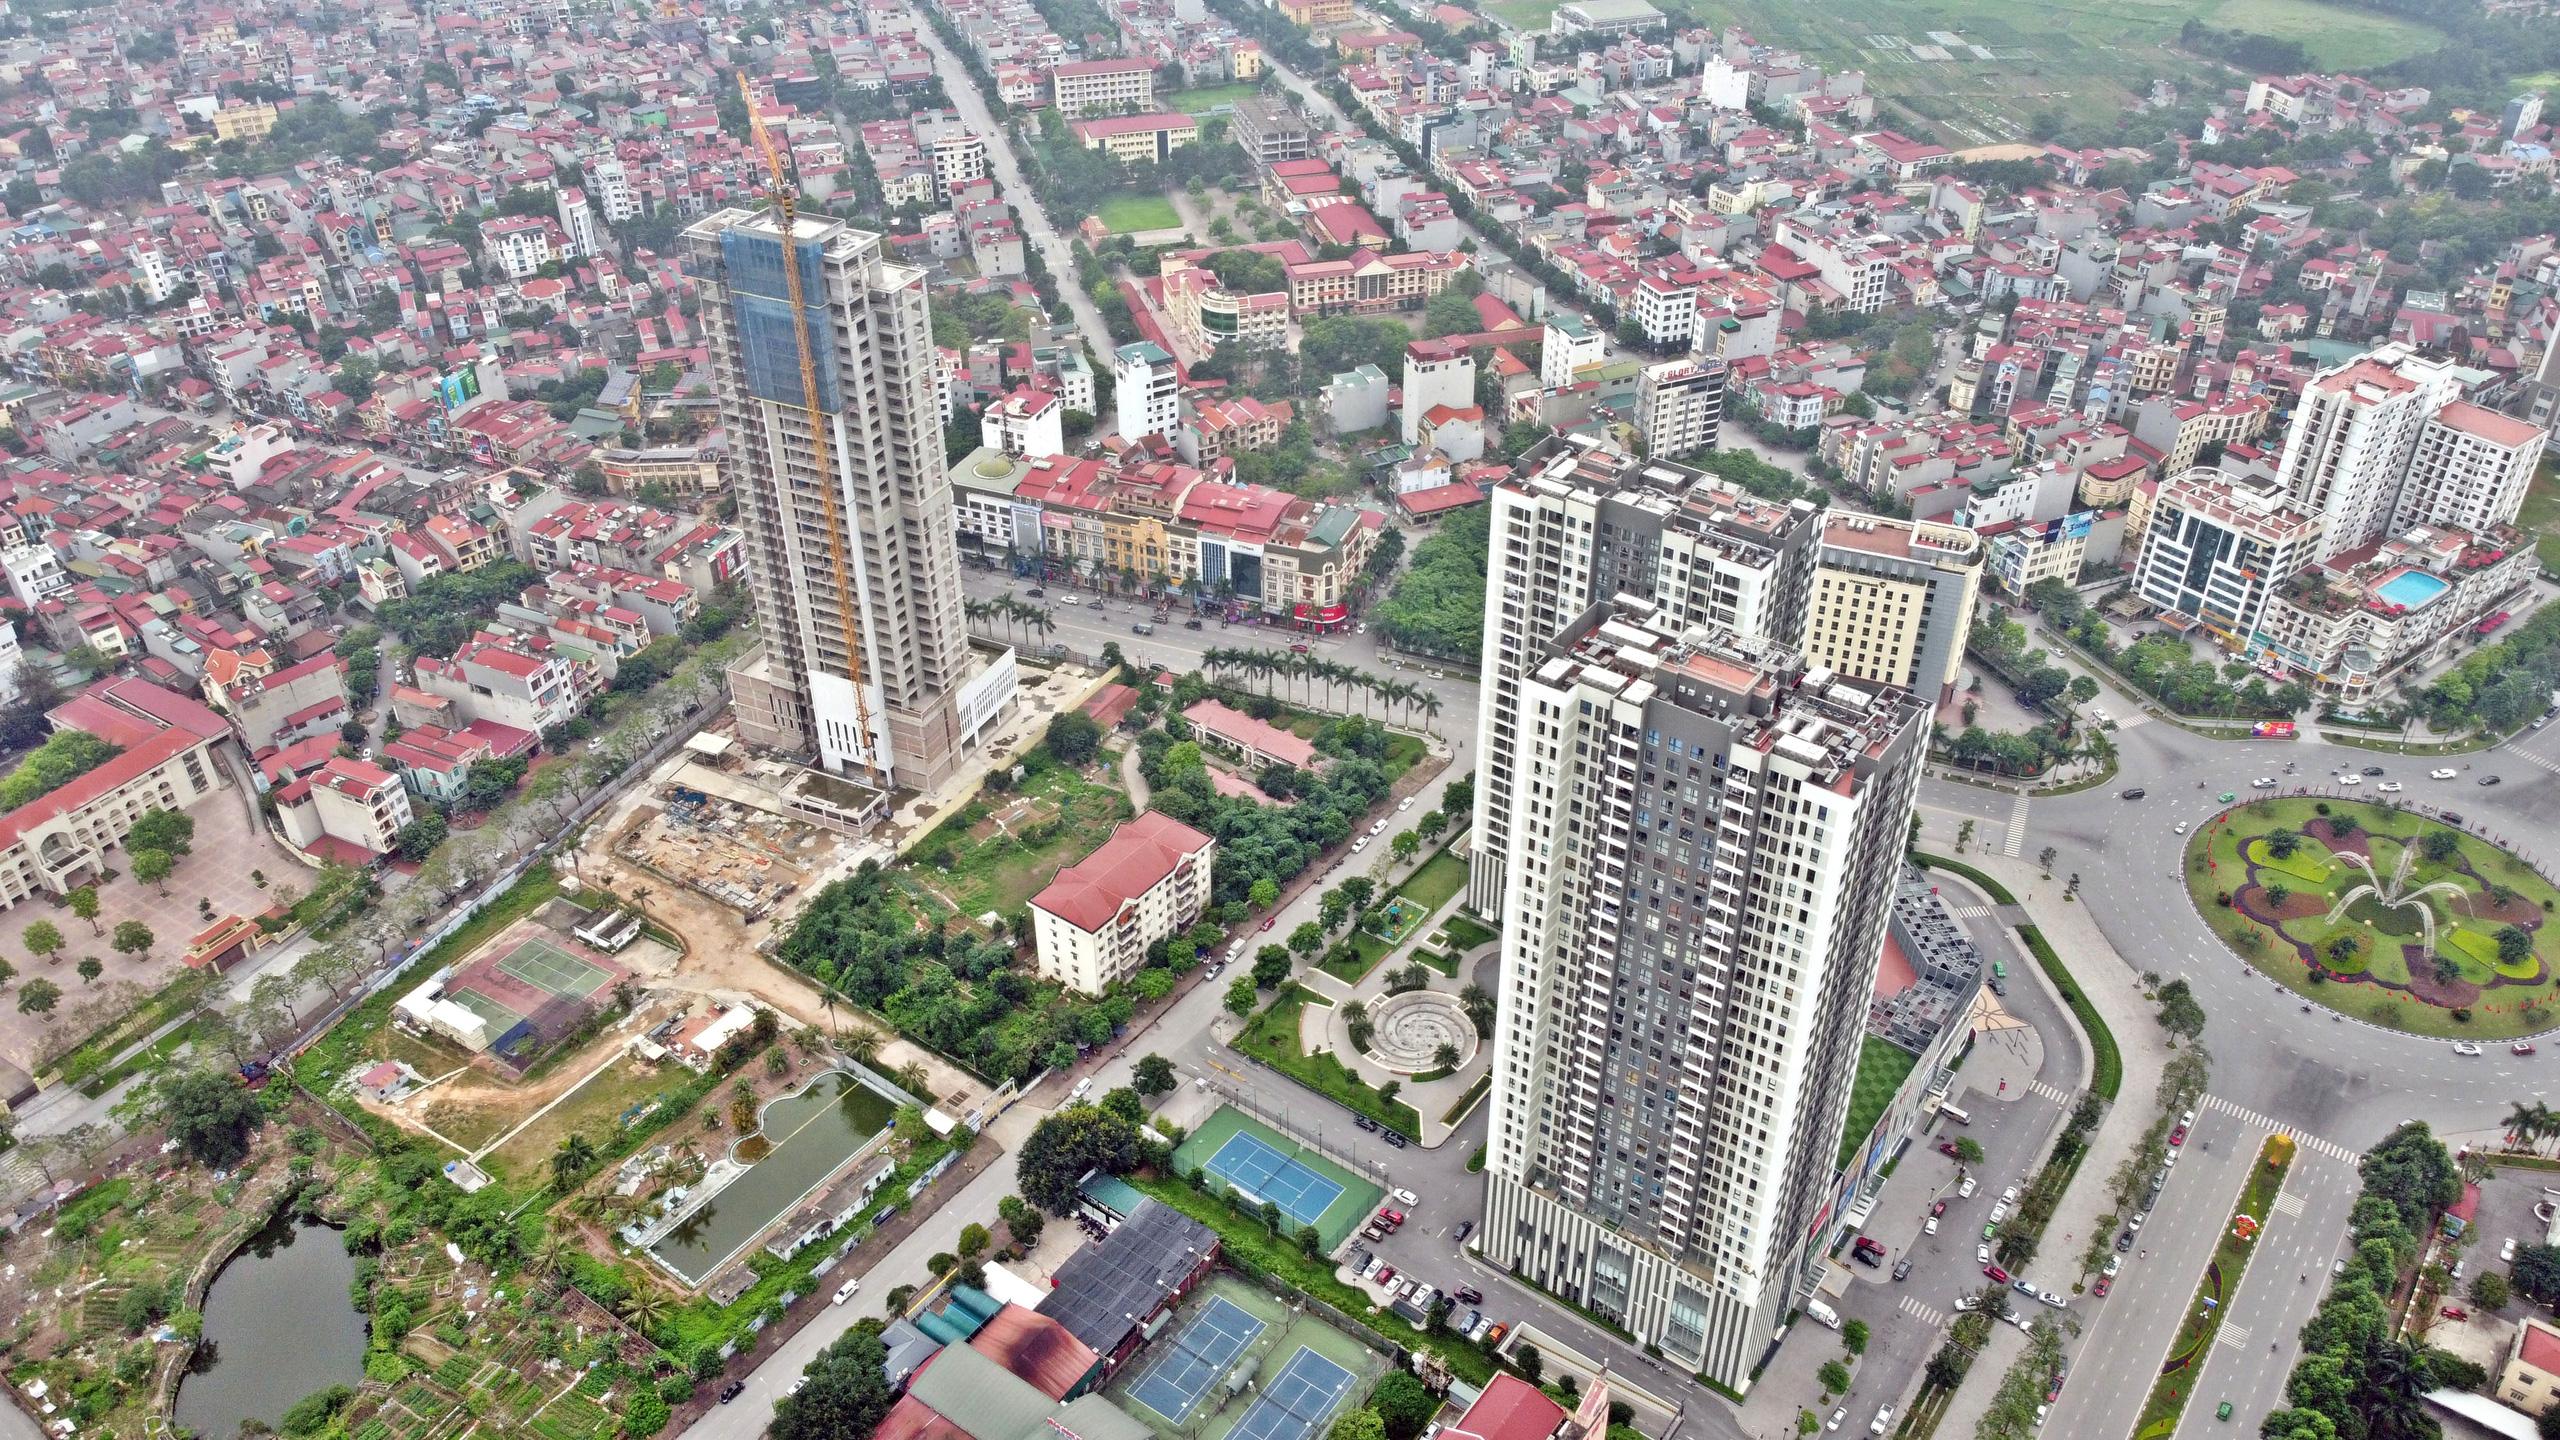 Toàn cảnh Bắc Ninh trước khi lên thành phố trực thuộc trung ương - Ảnh 5.